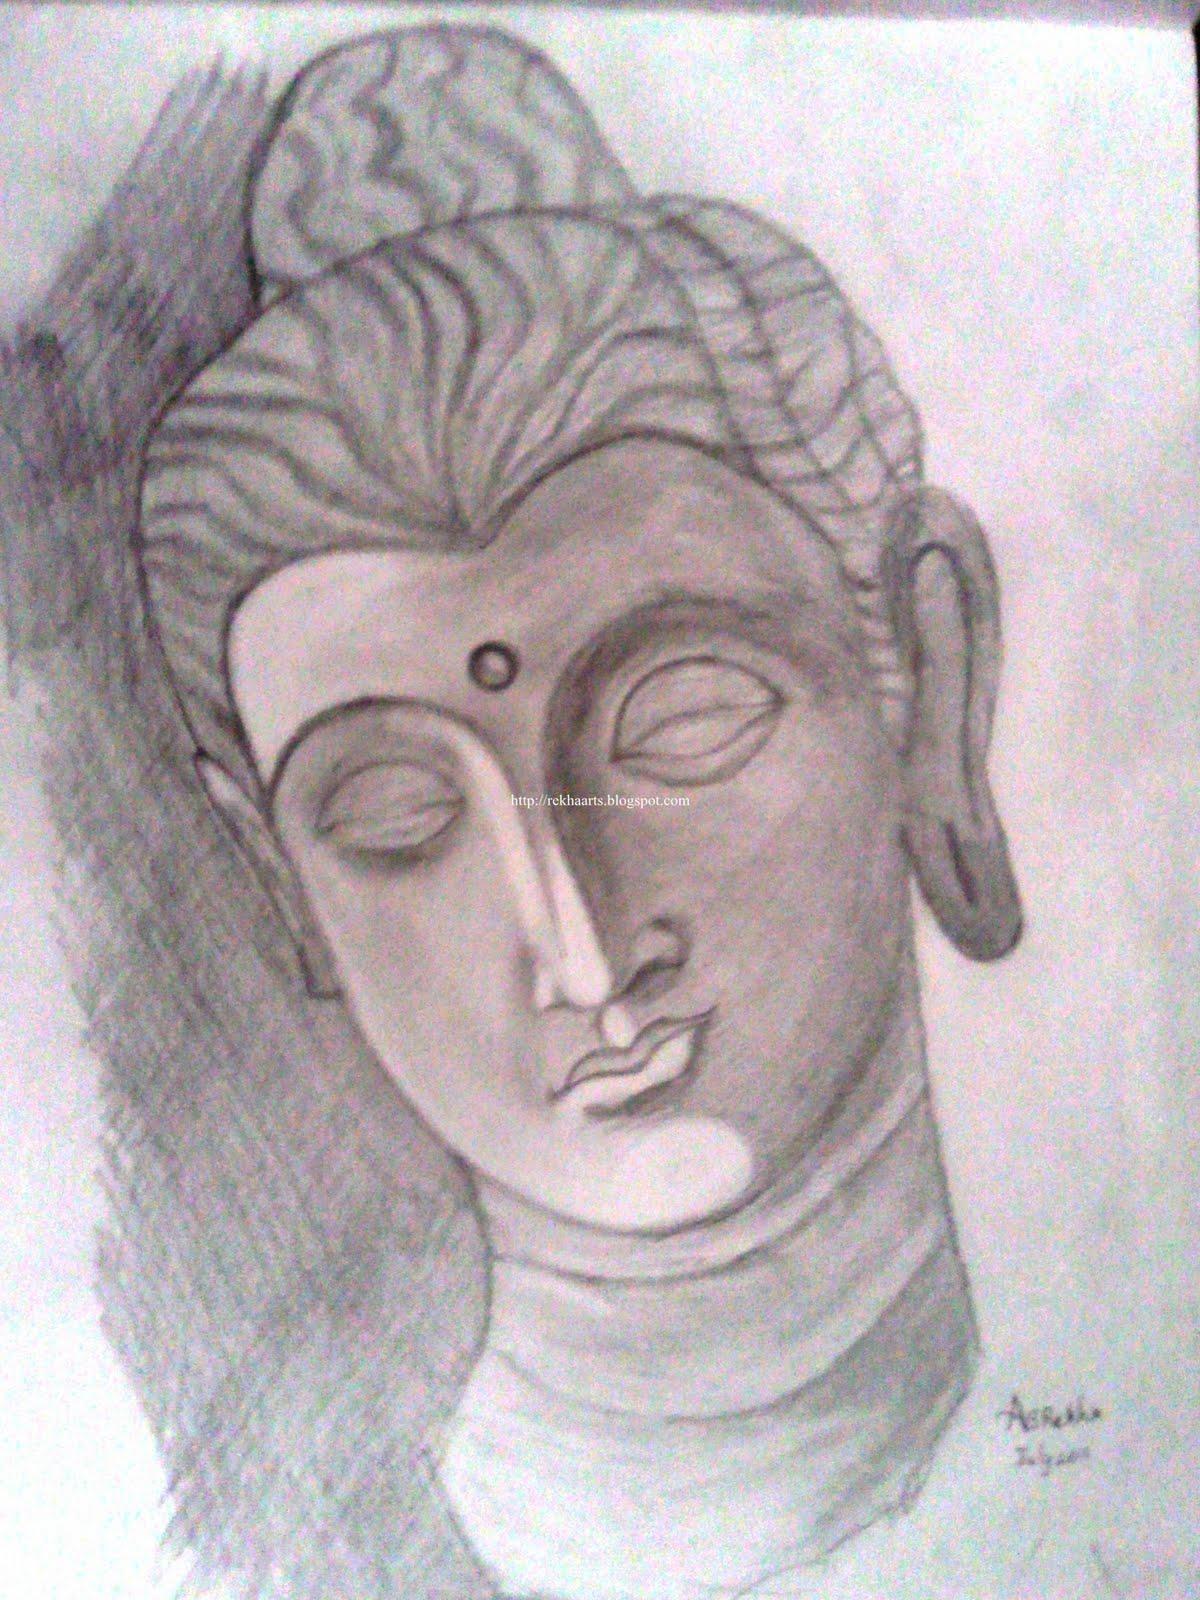 Buddha pencil sketch